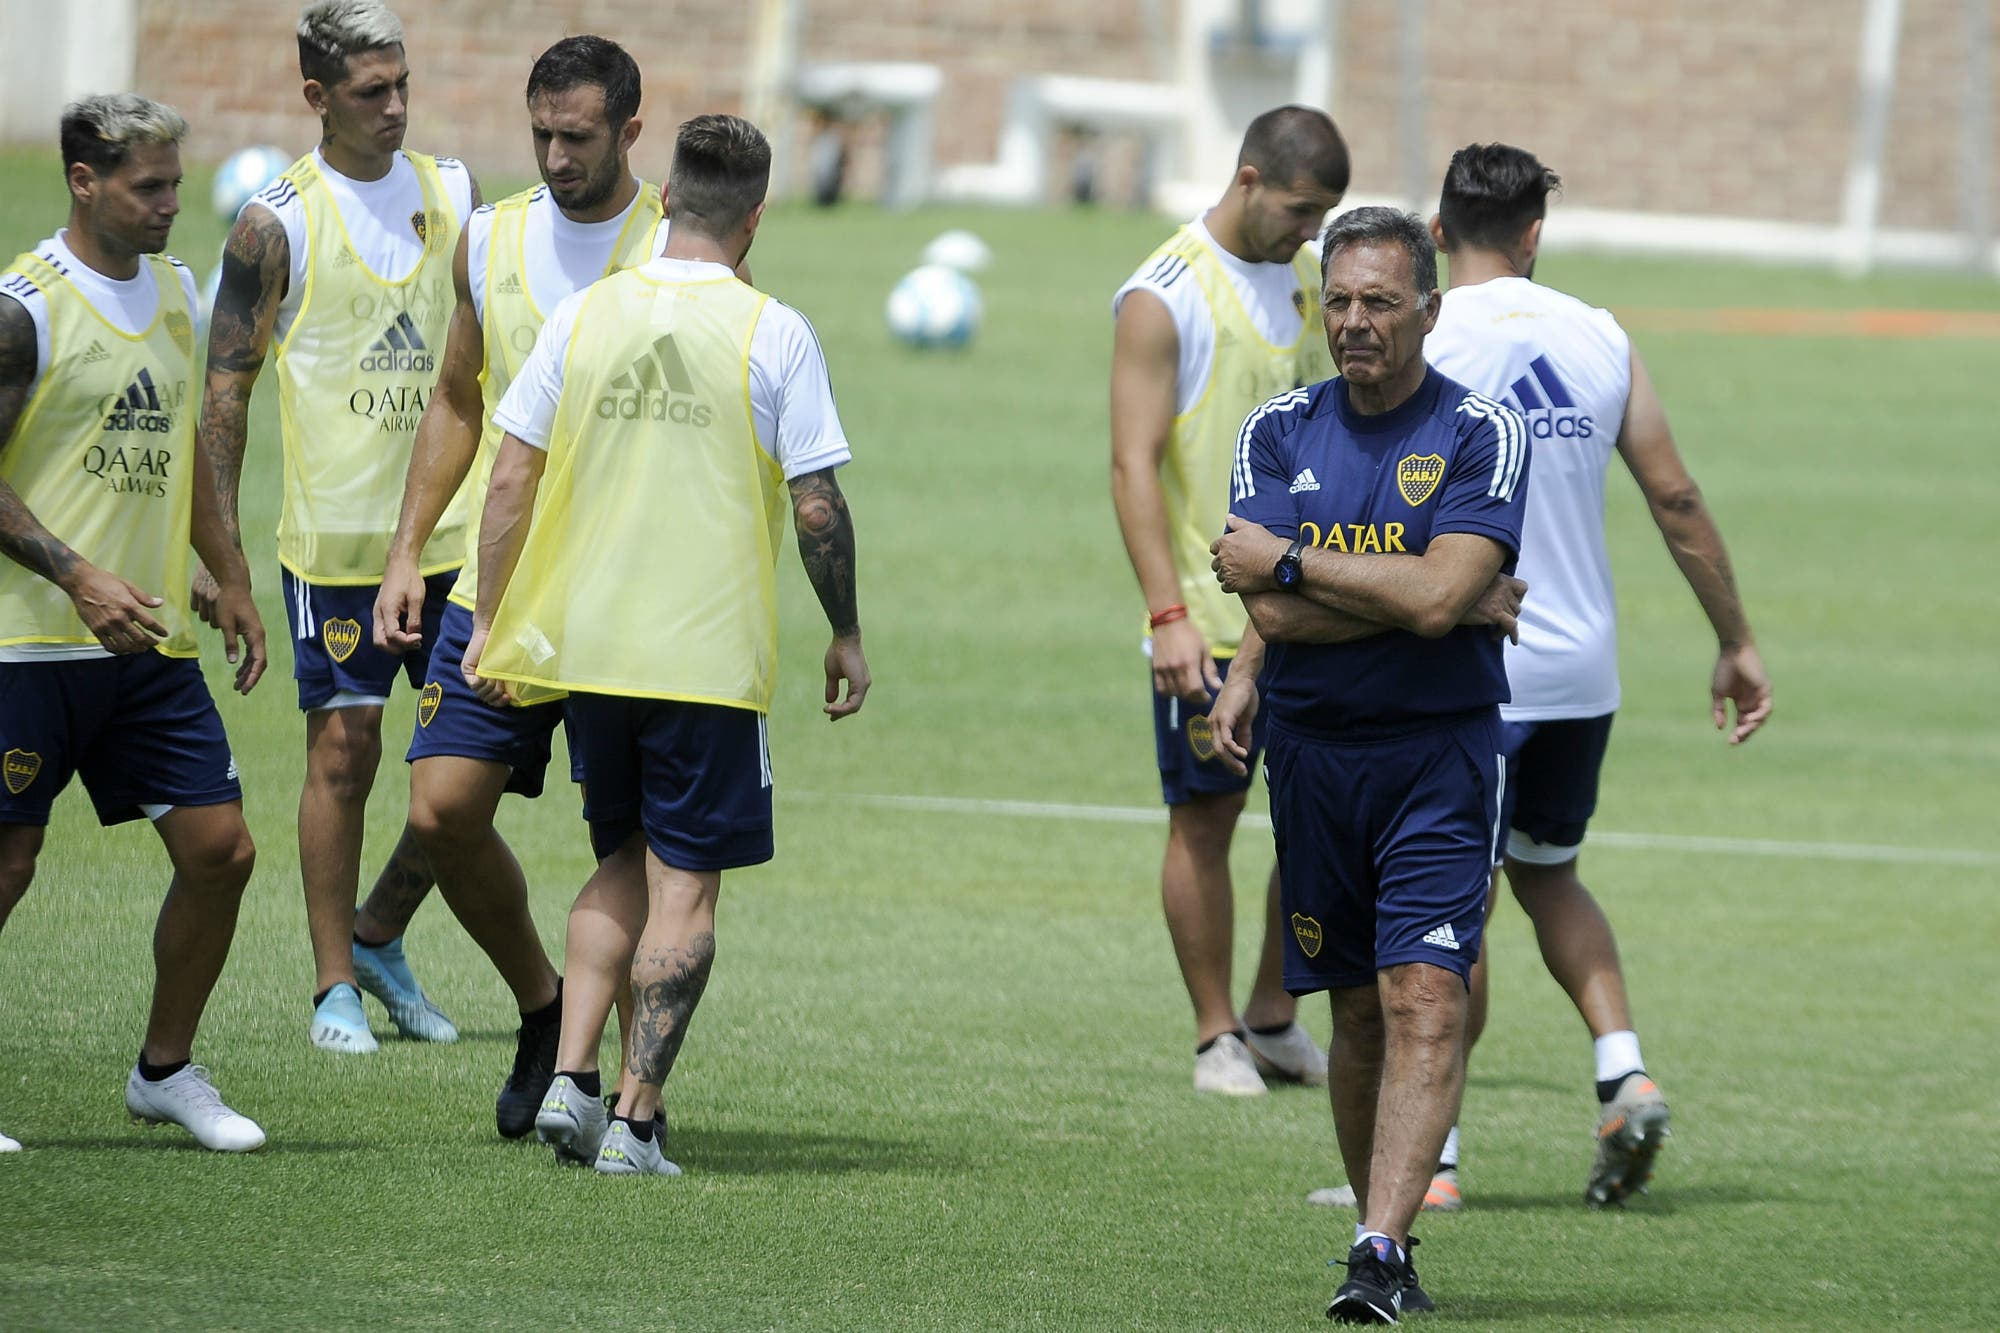 Superliga: la probable formación de Boca para ganarle al Gimnasia de Maradona